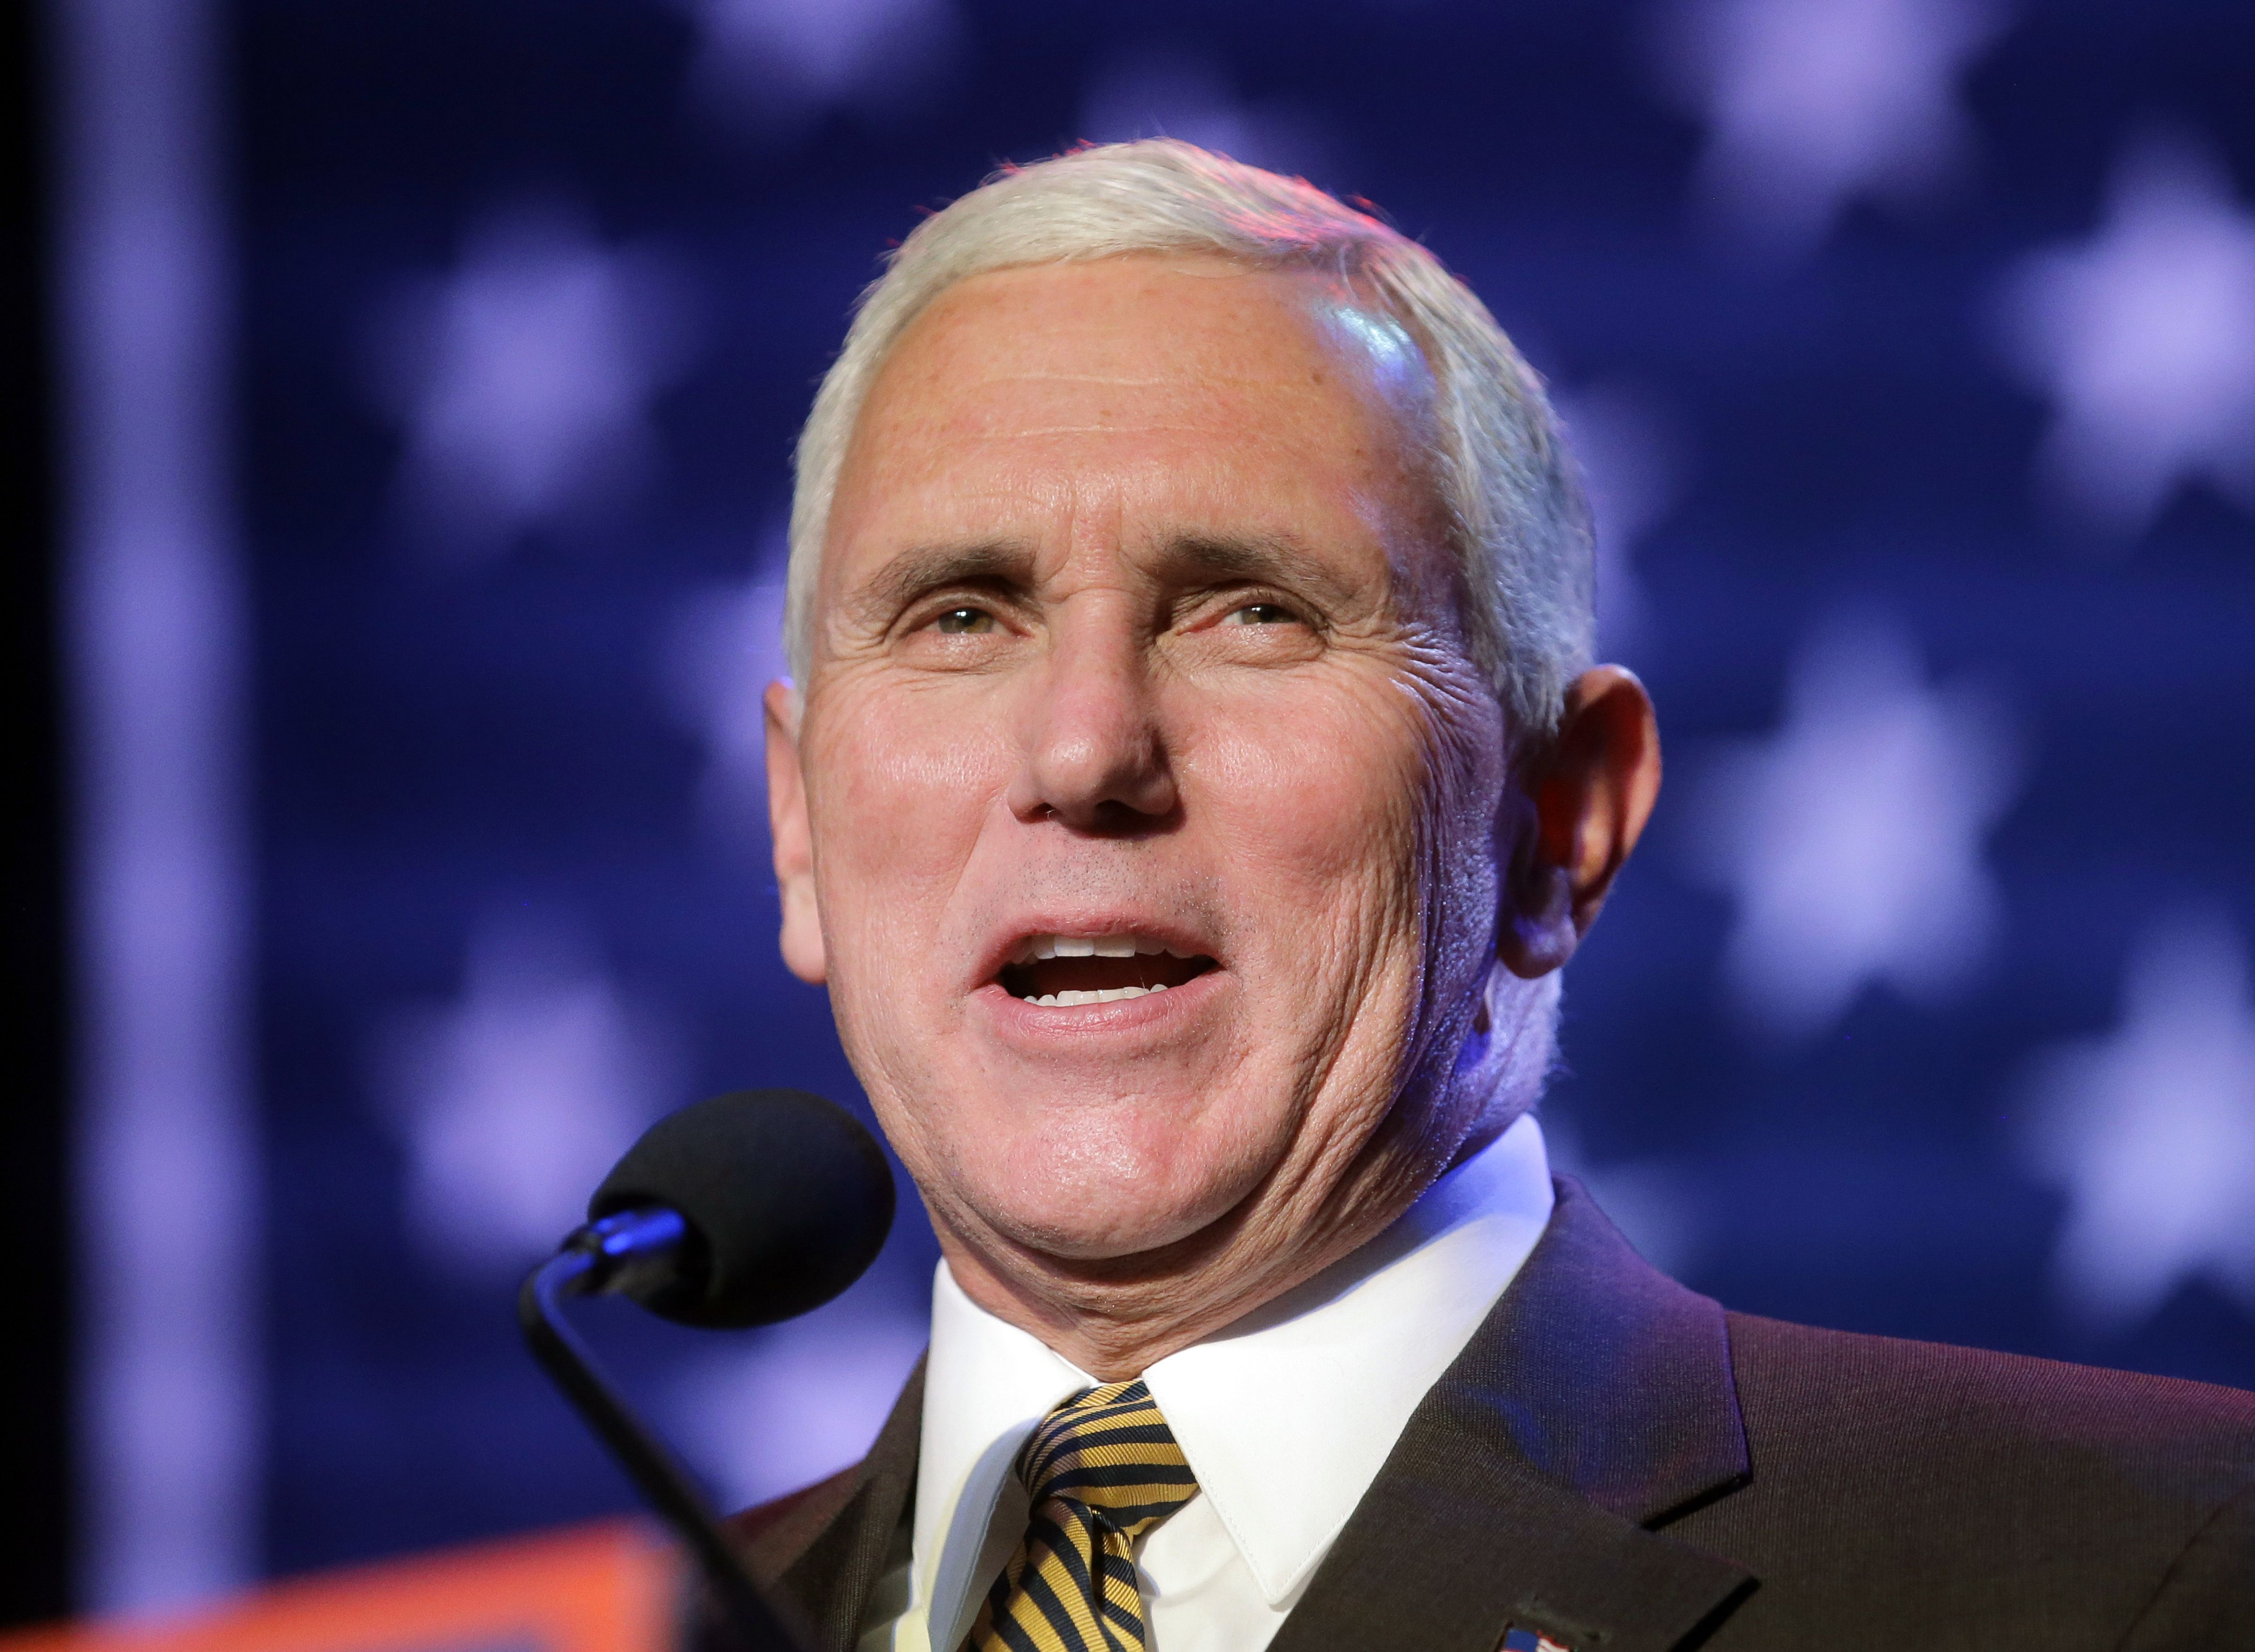 El candidato republicano a la vicepresidencia, Mike Pence, durante una mitin el miércoles 26 de octubre del 2016, en Salt Lake City. Foto de AP.